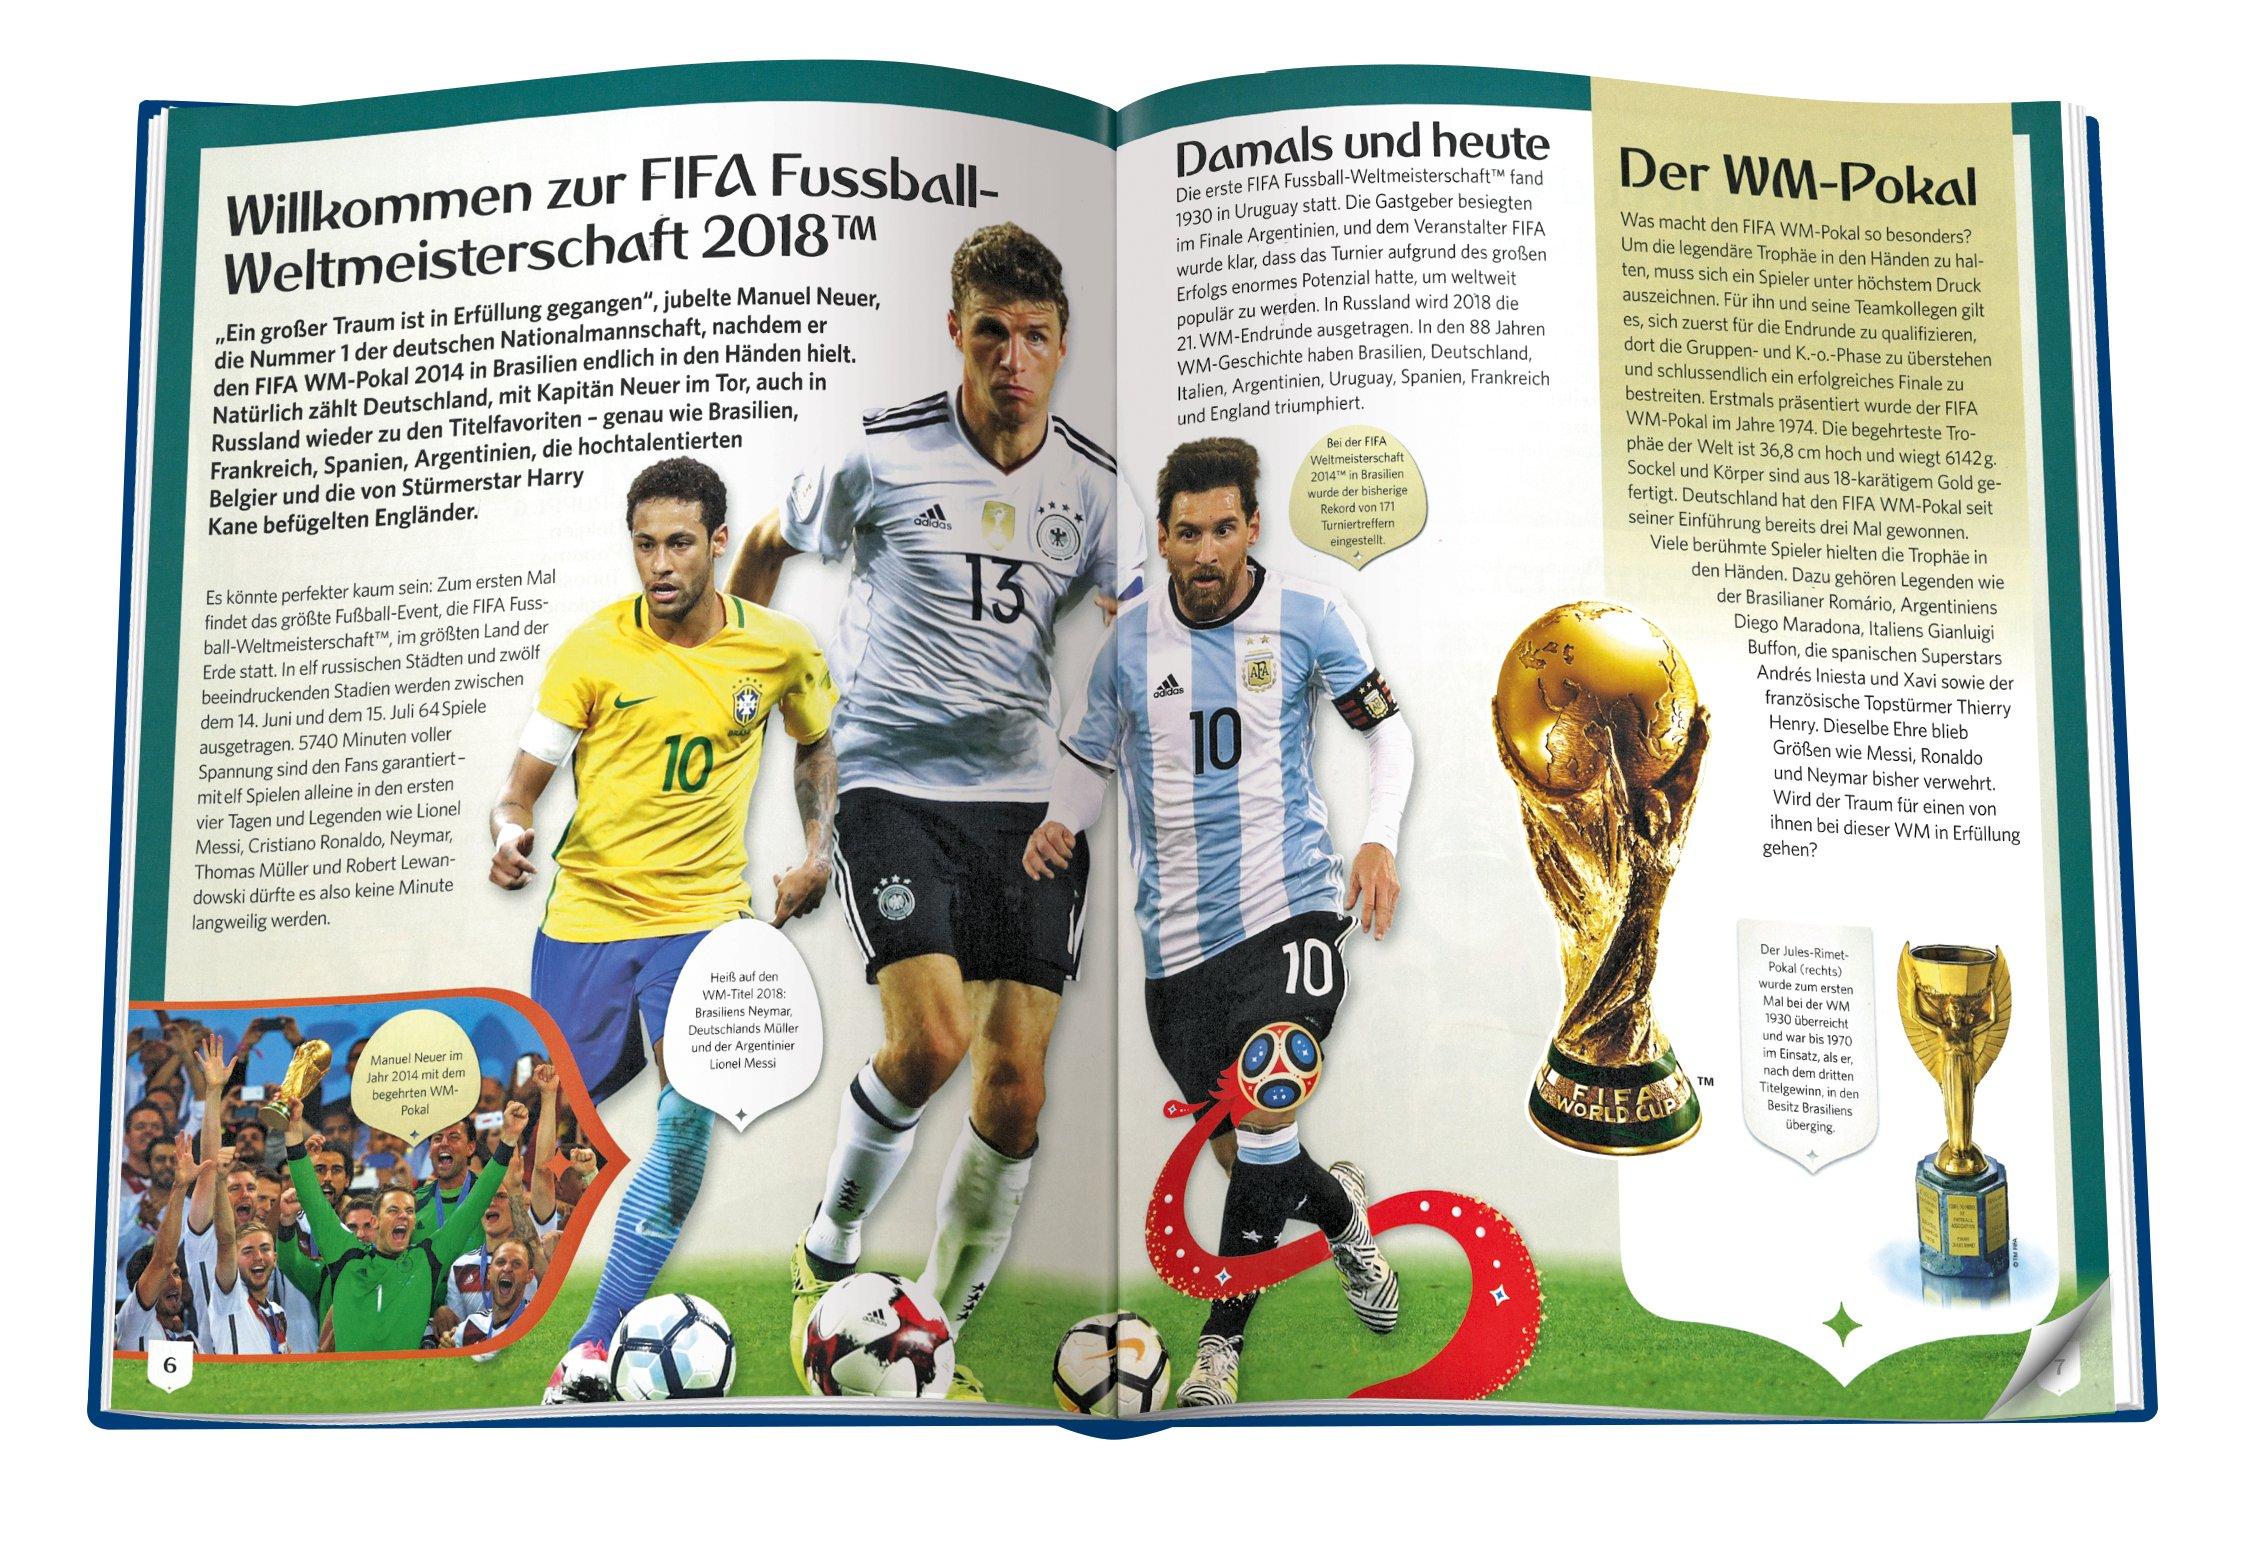 2018 Fifa World Cup Russia Das Offizielle Buch Zur Fifa Wm